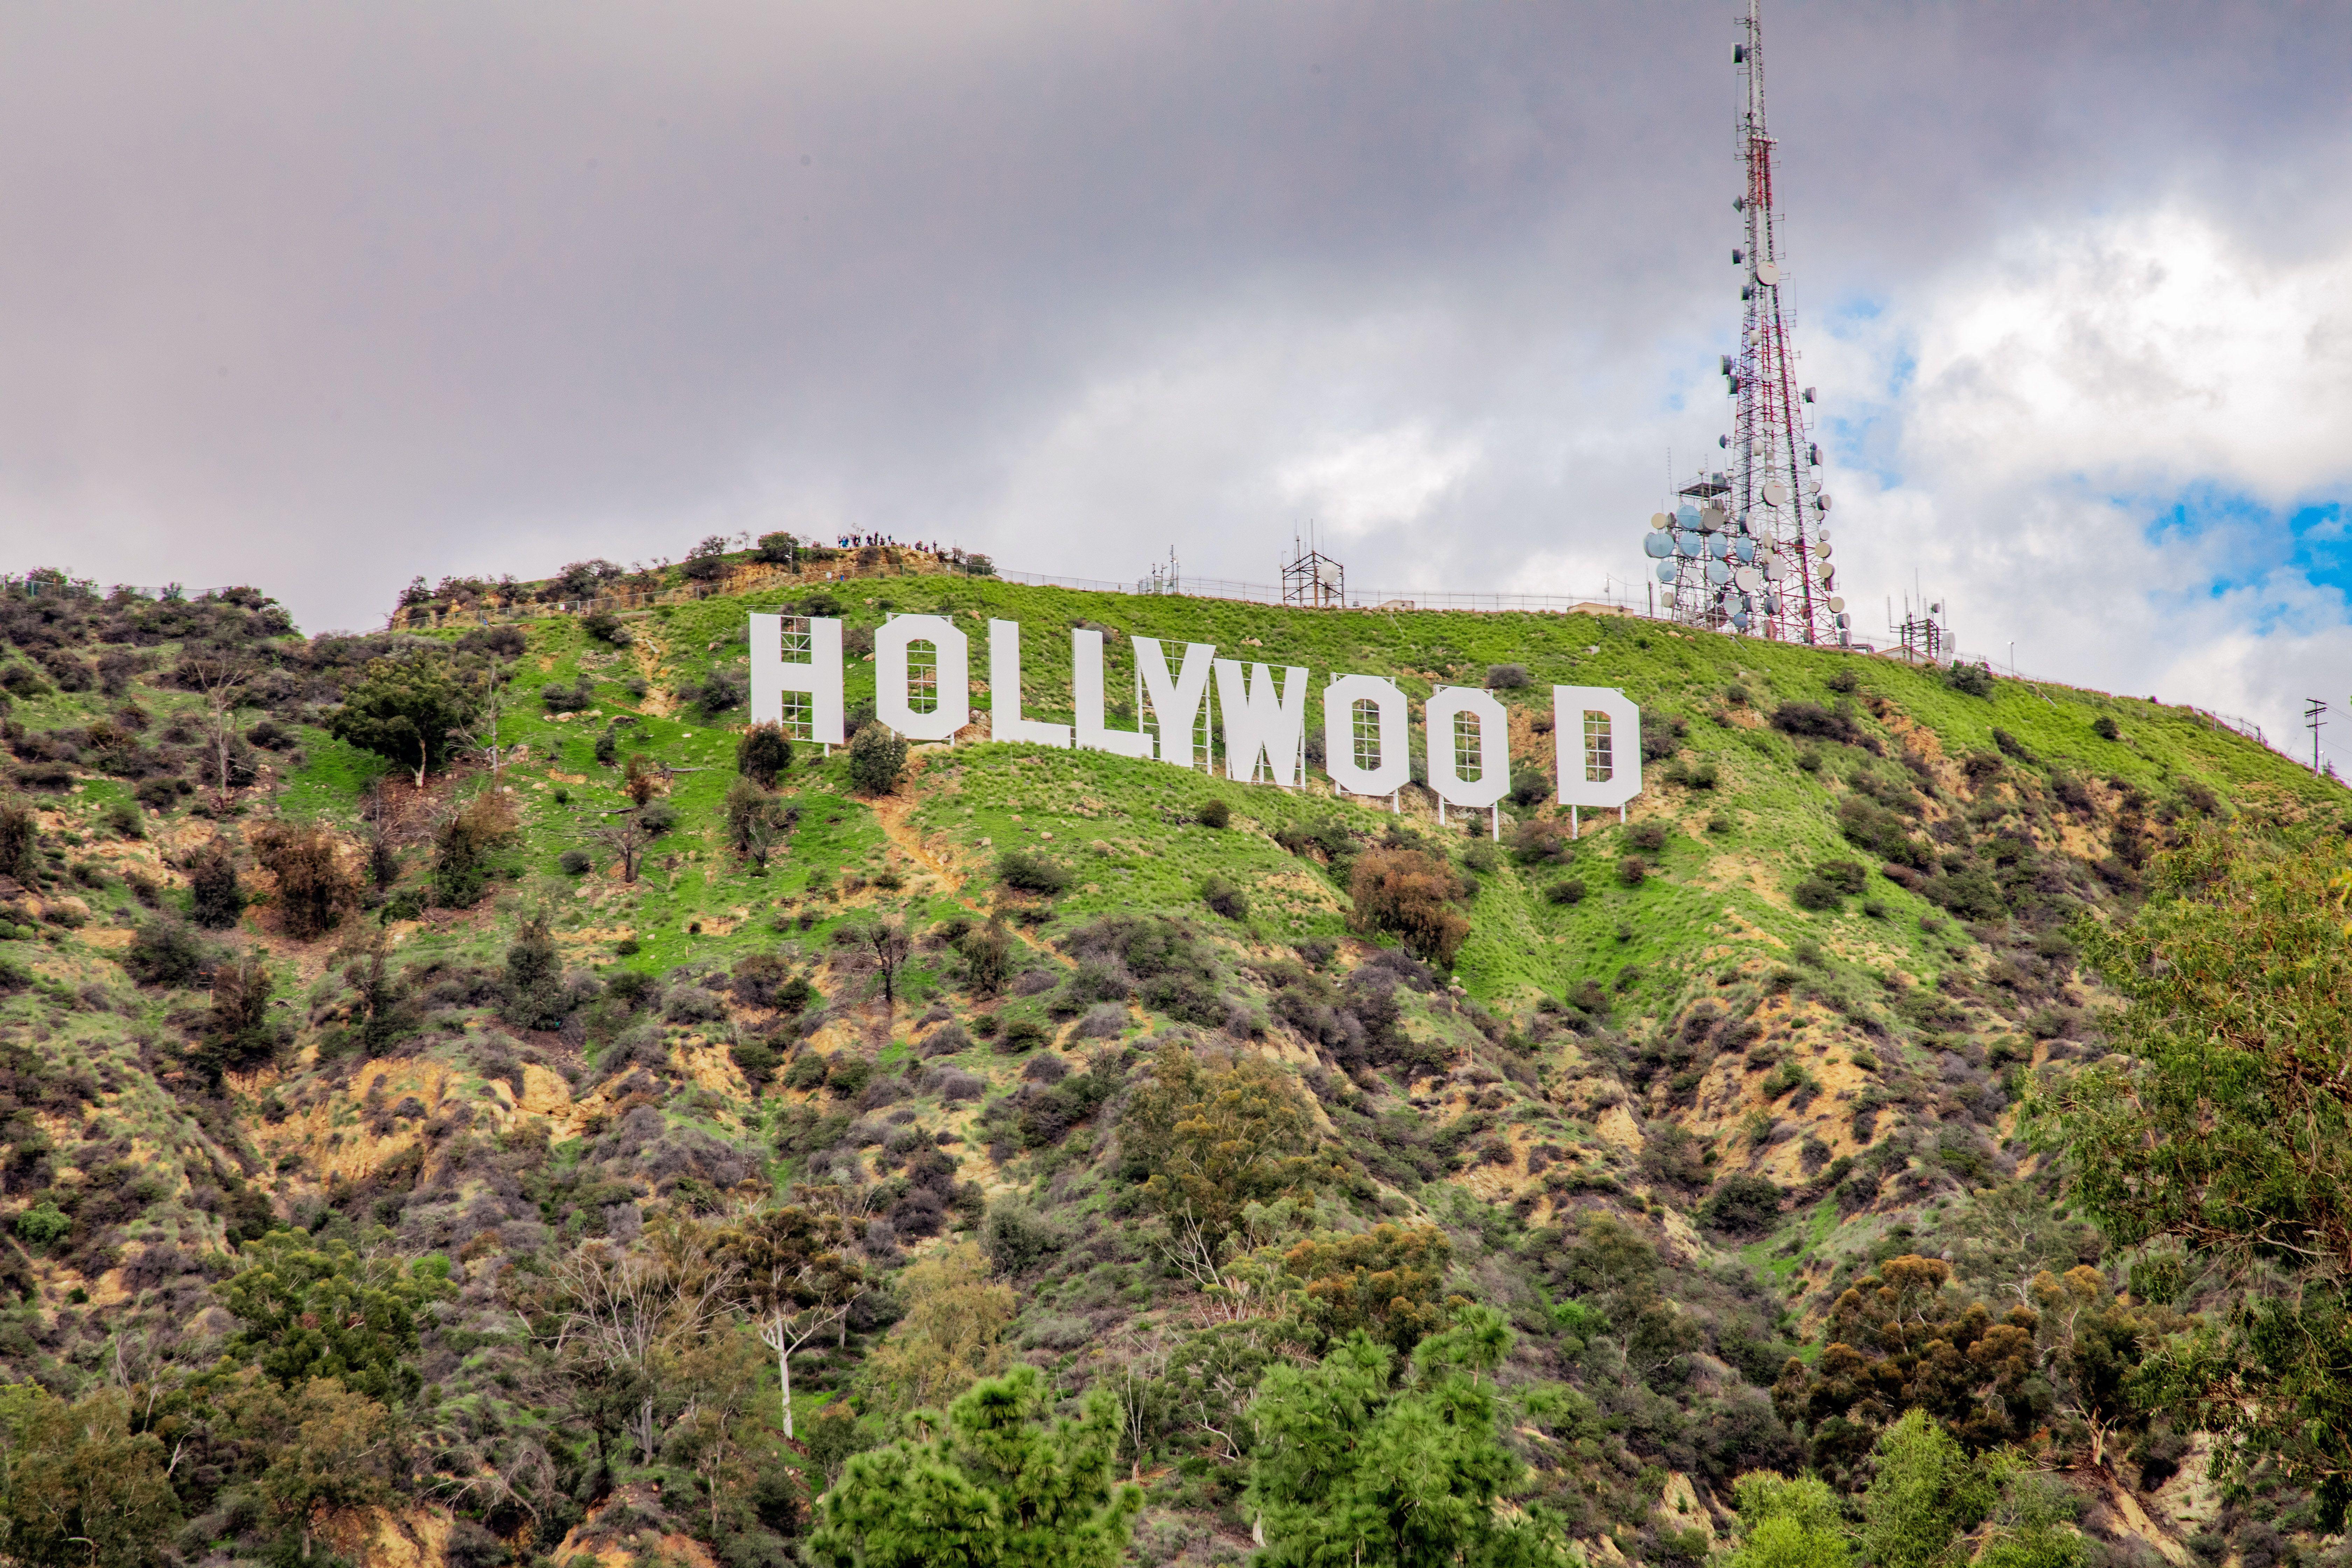 El cartel de Hollywood en la colina